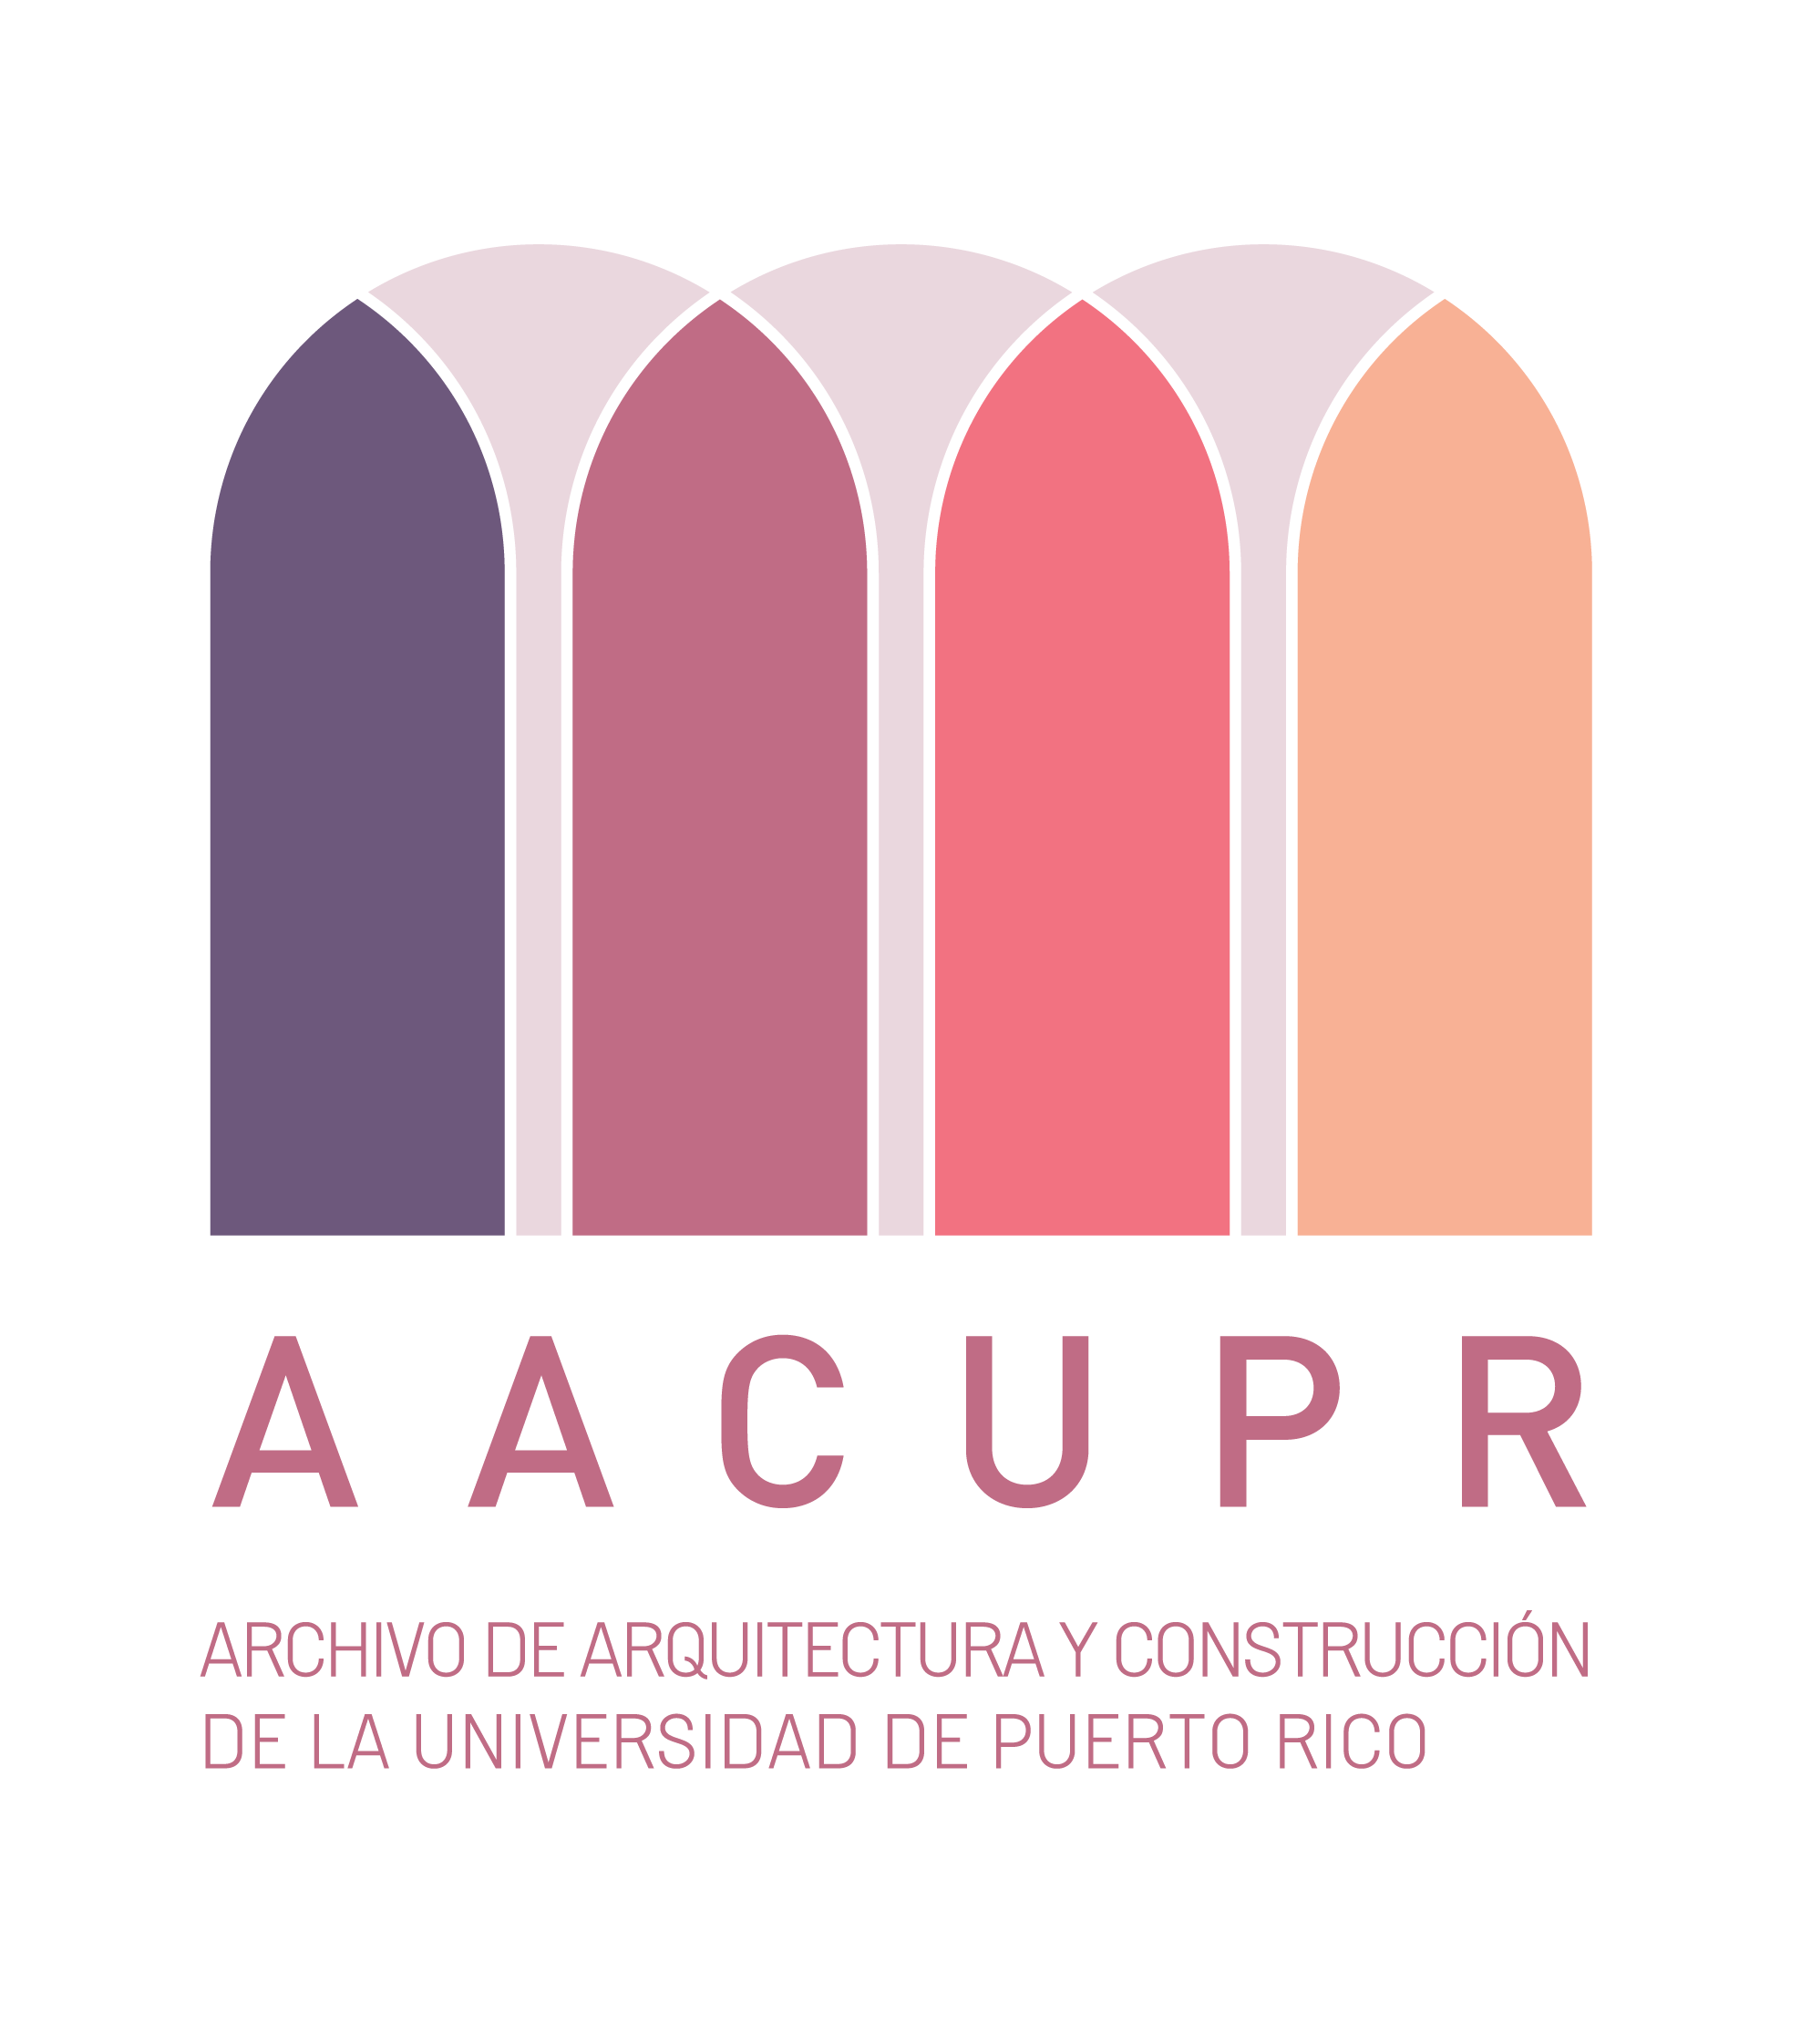 Logo de AACUPR